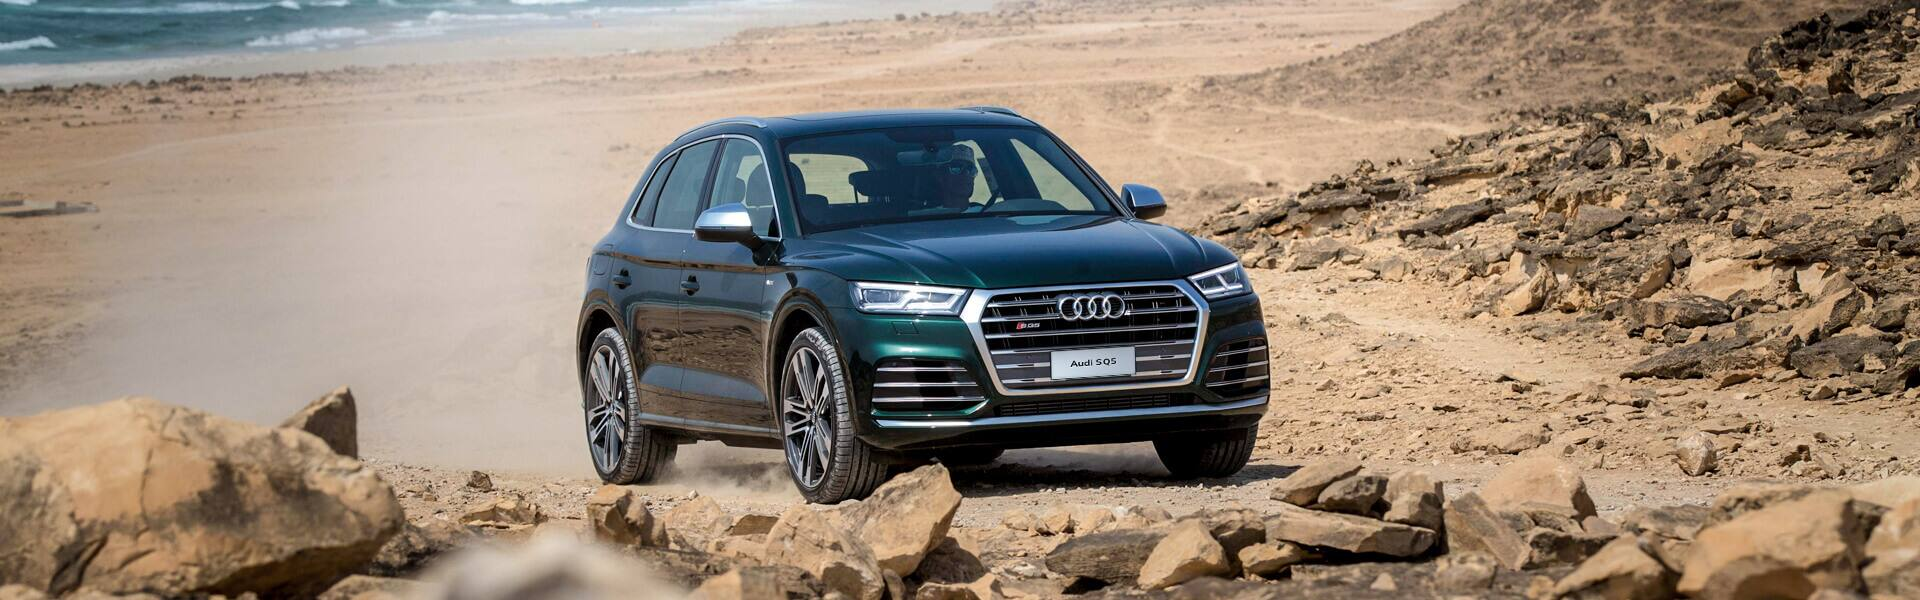 Audi SQ5 2019 > Audi Q5 2019 > Audi Middle East